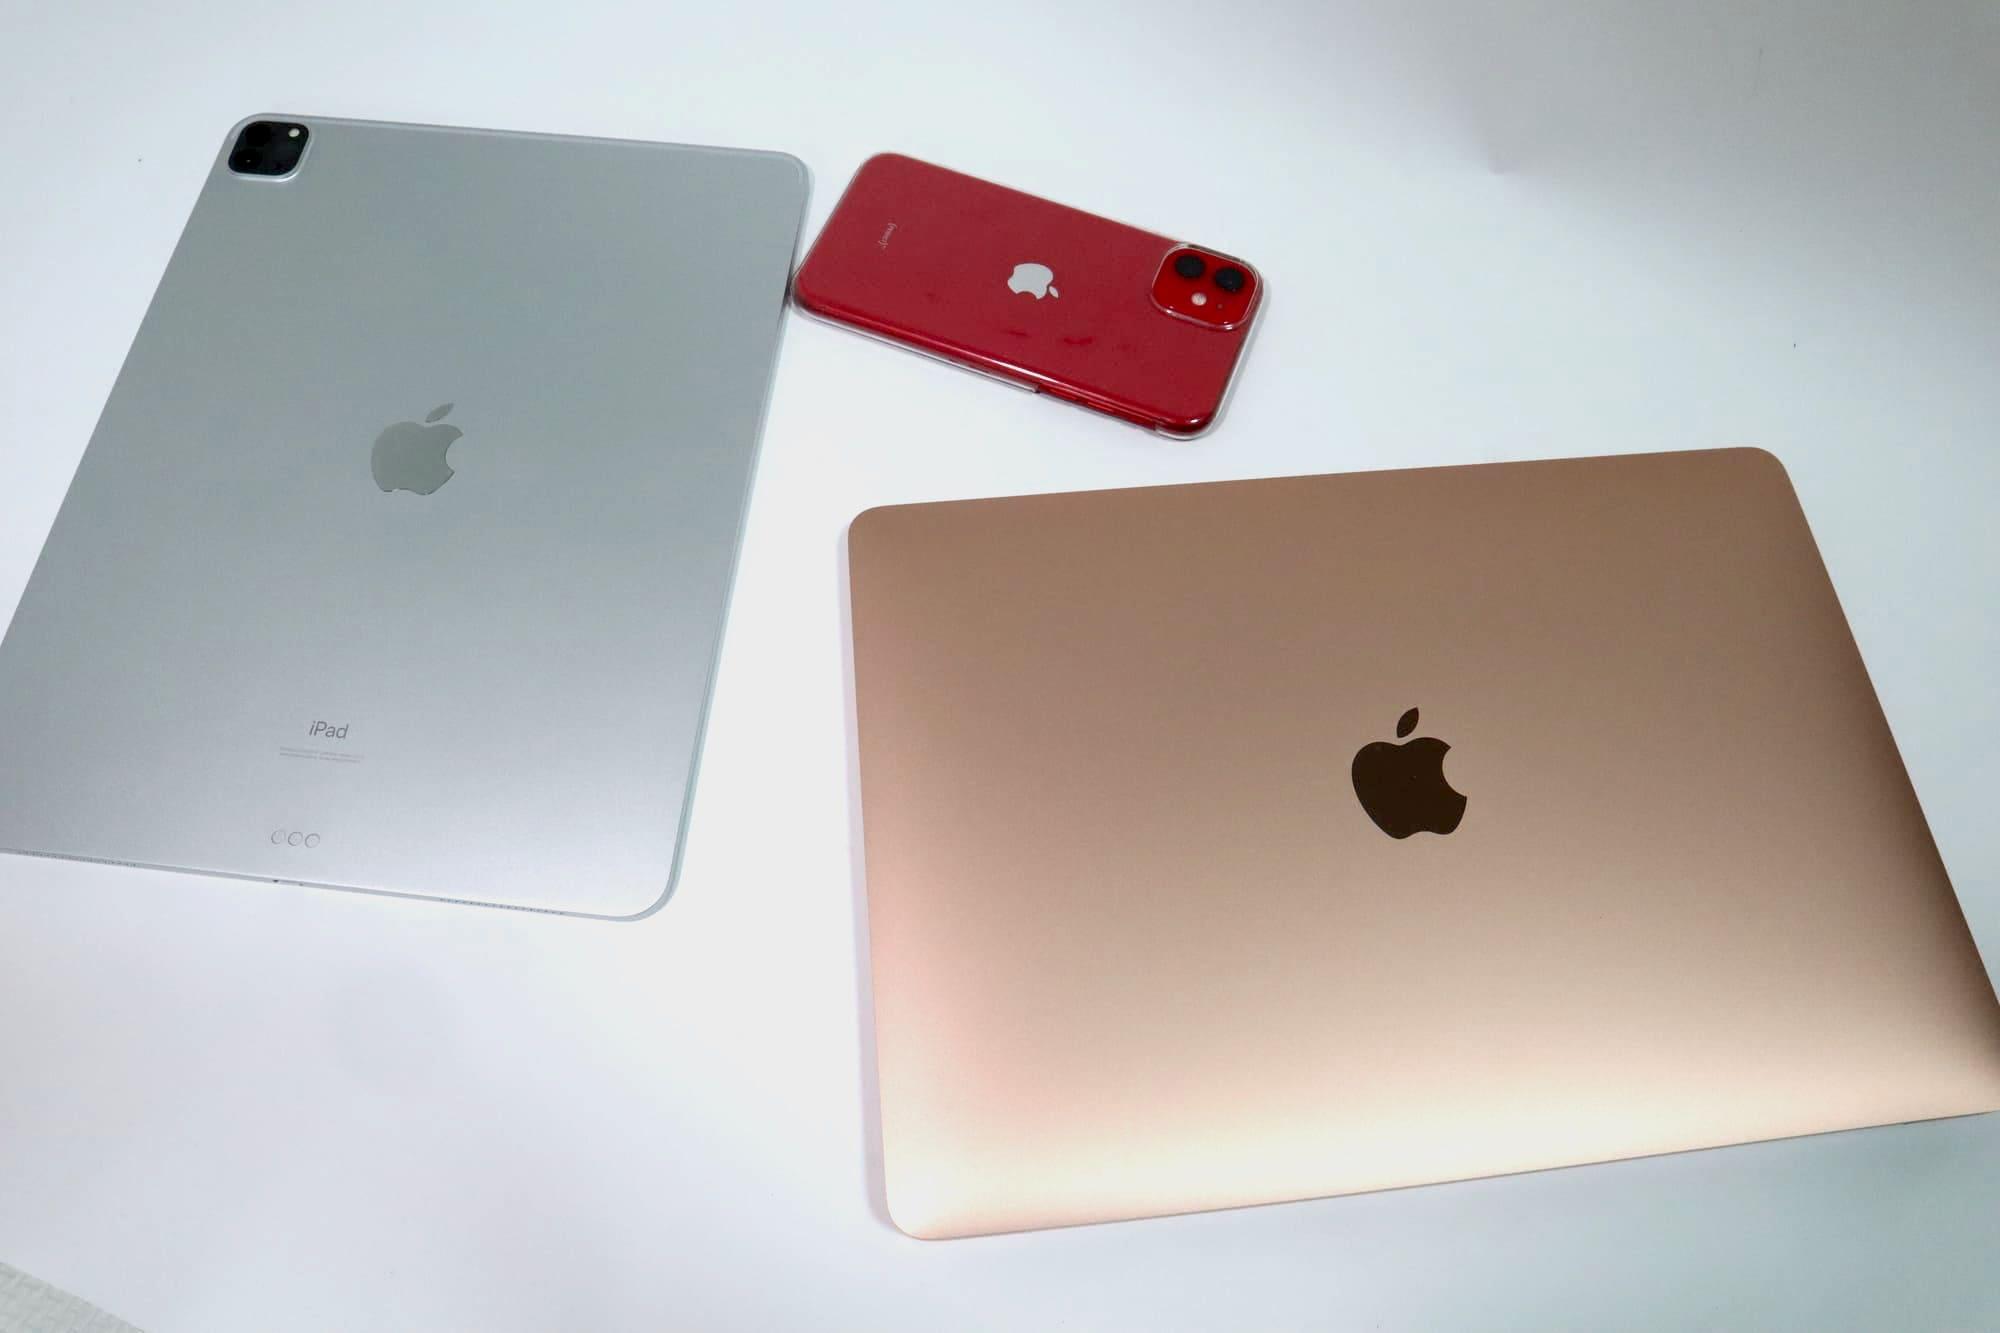 MacBook AirとiPadとiPhone